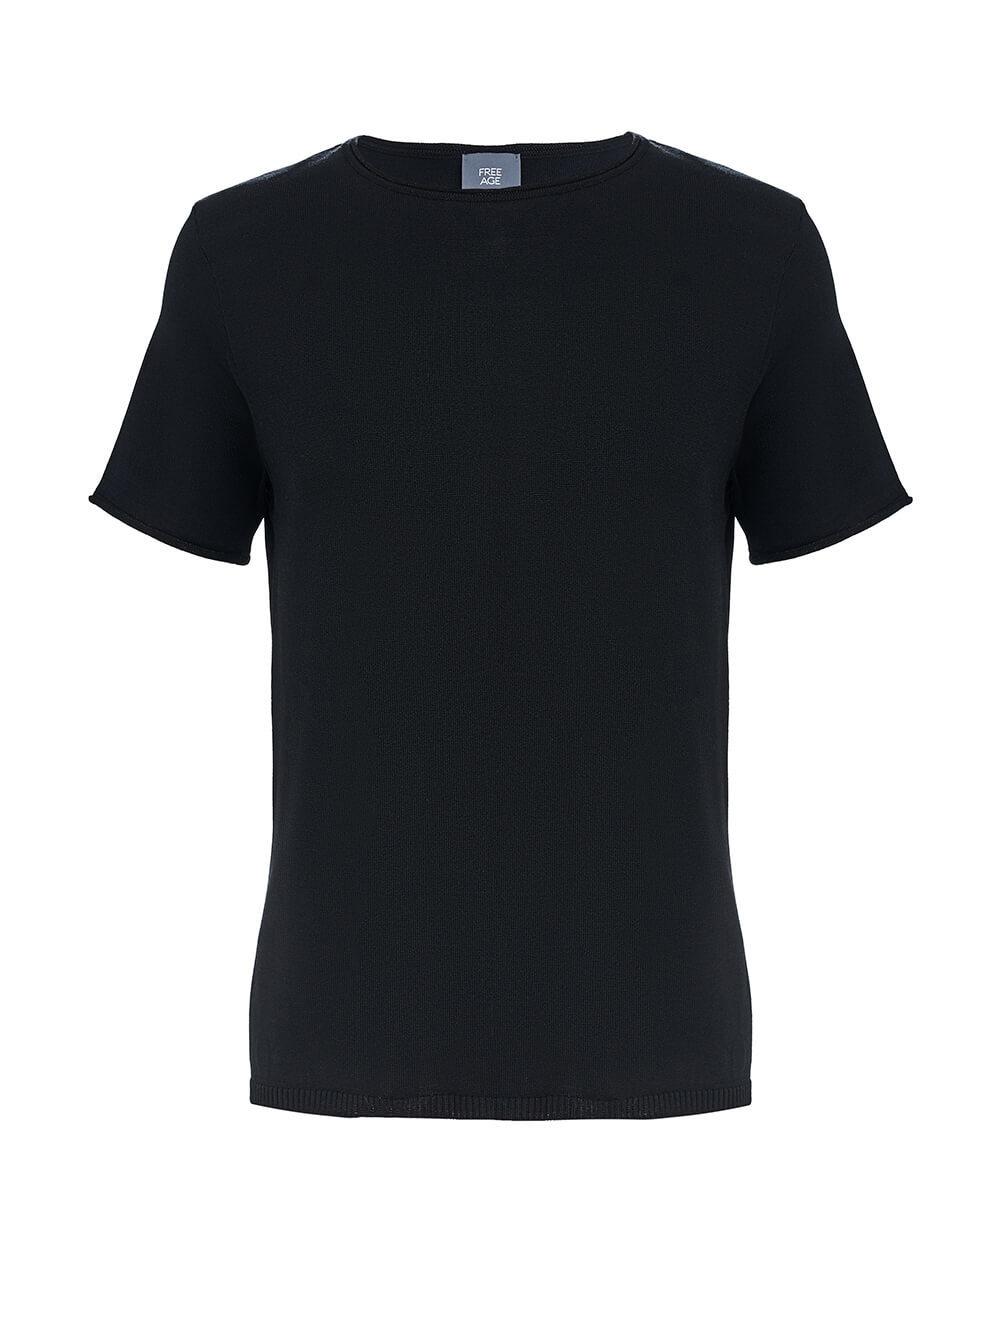 Женский шелковый джемпер черного цвета с укороченным рукавом - фото 1